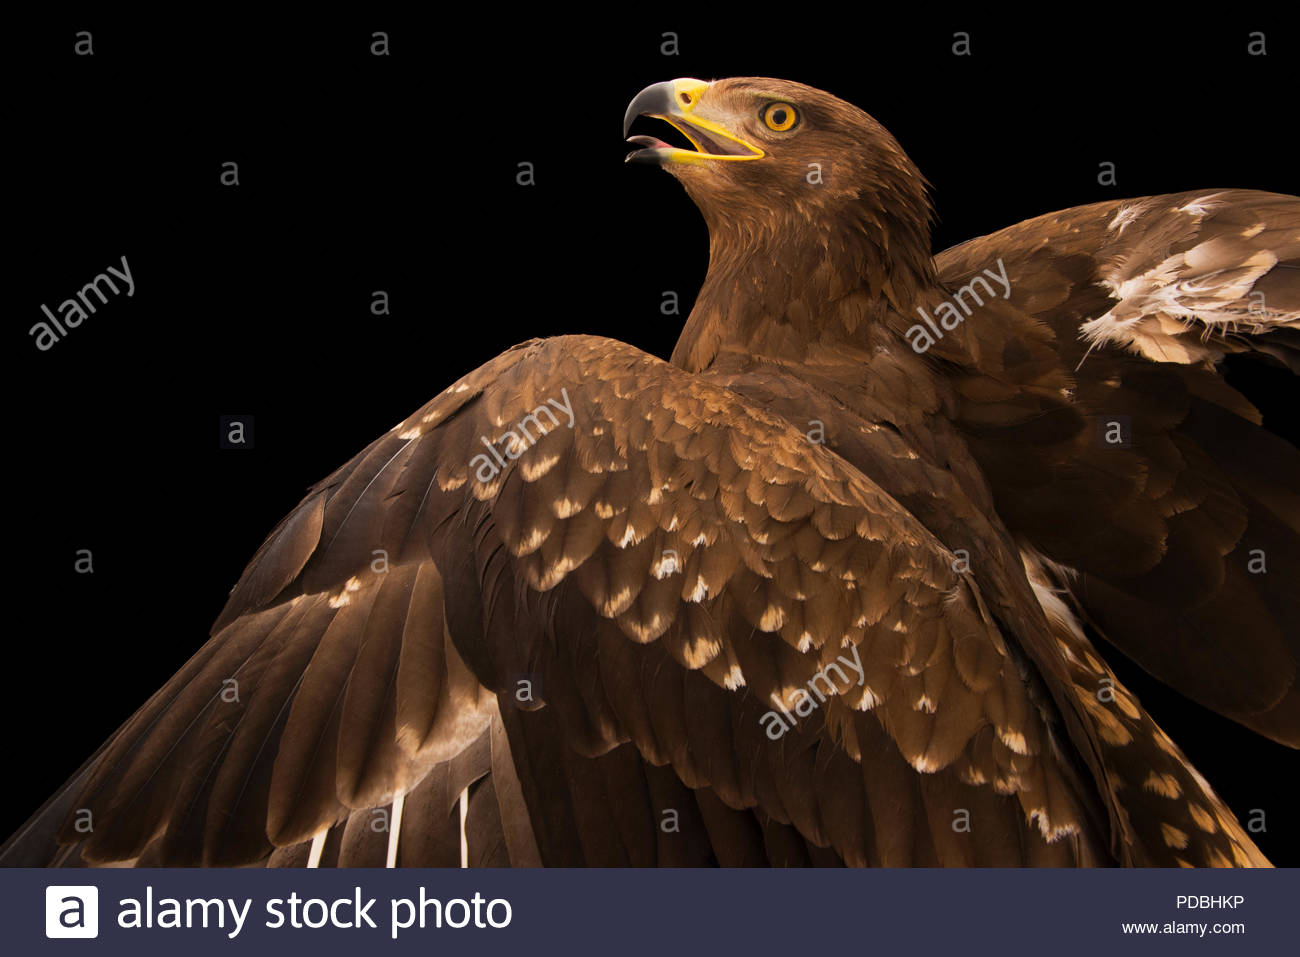 A lesser spotted eagle, Aquila pomarina, at Sia, the Comanche Nation Ethno-Ornithological Initiative. - Stock Image